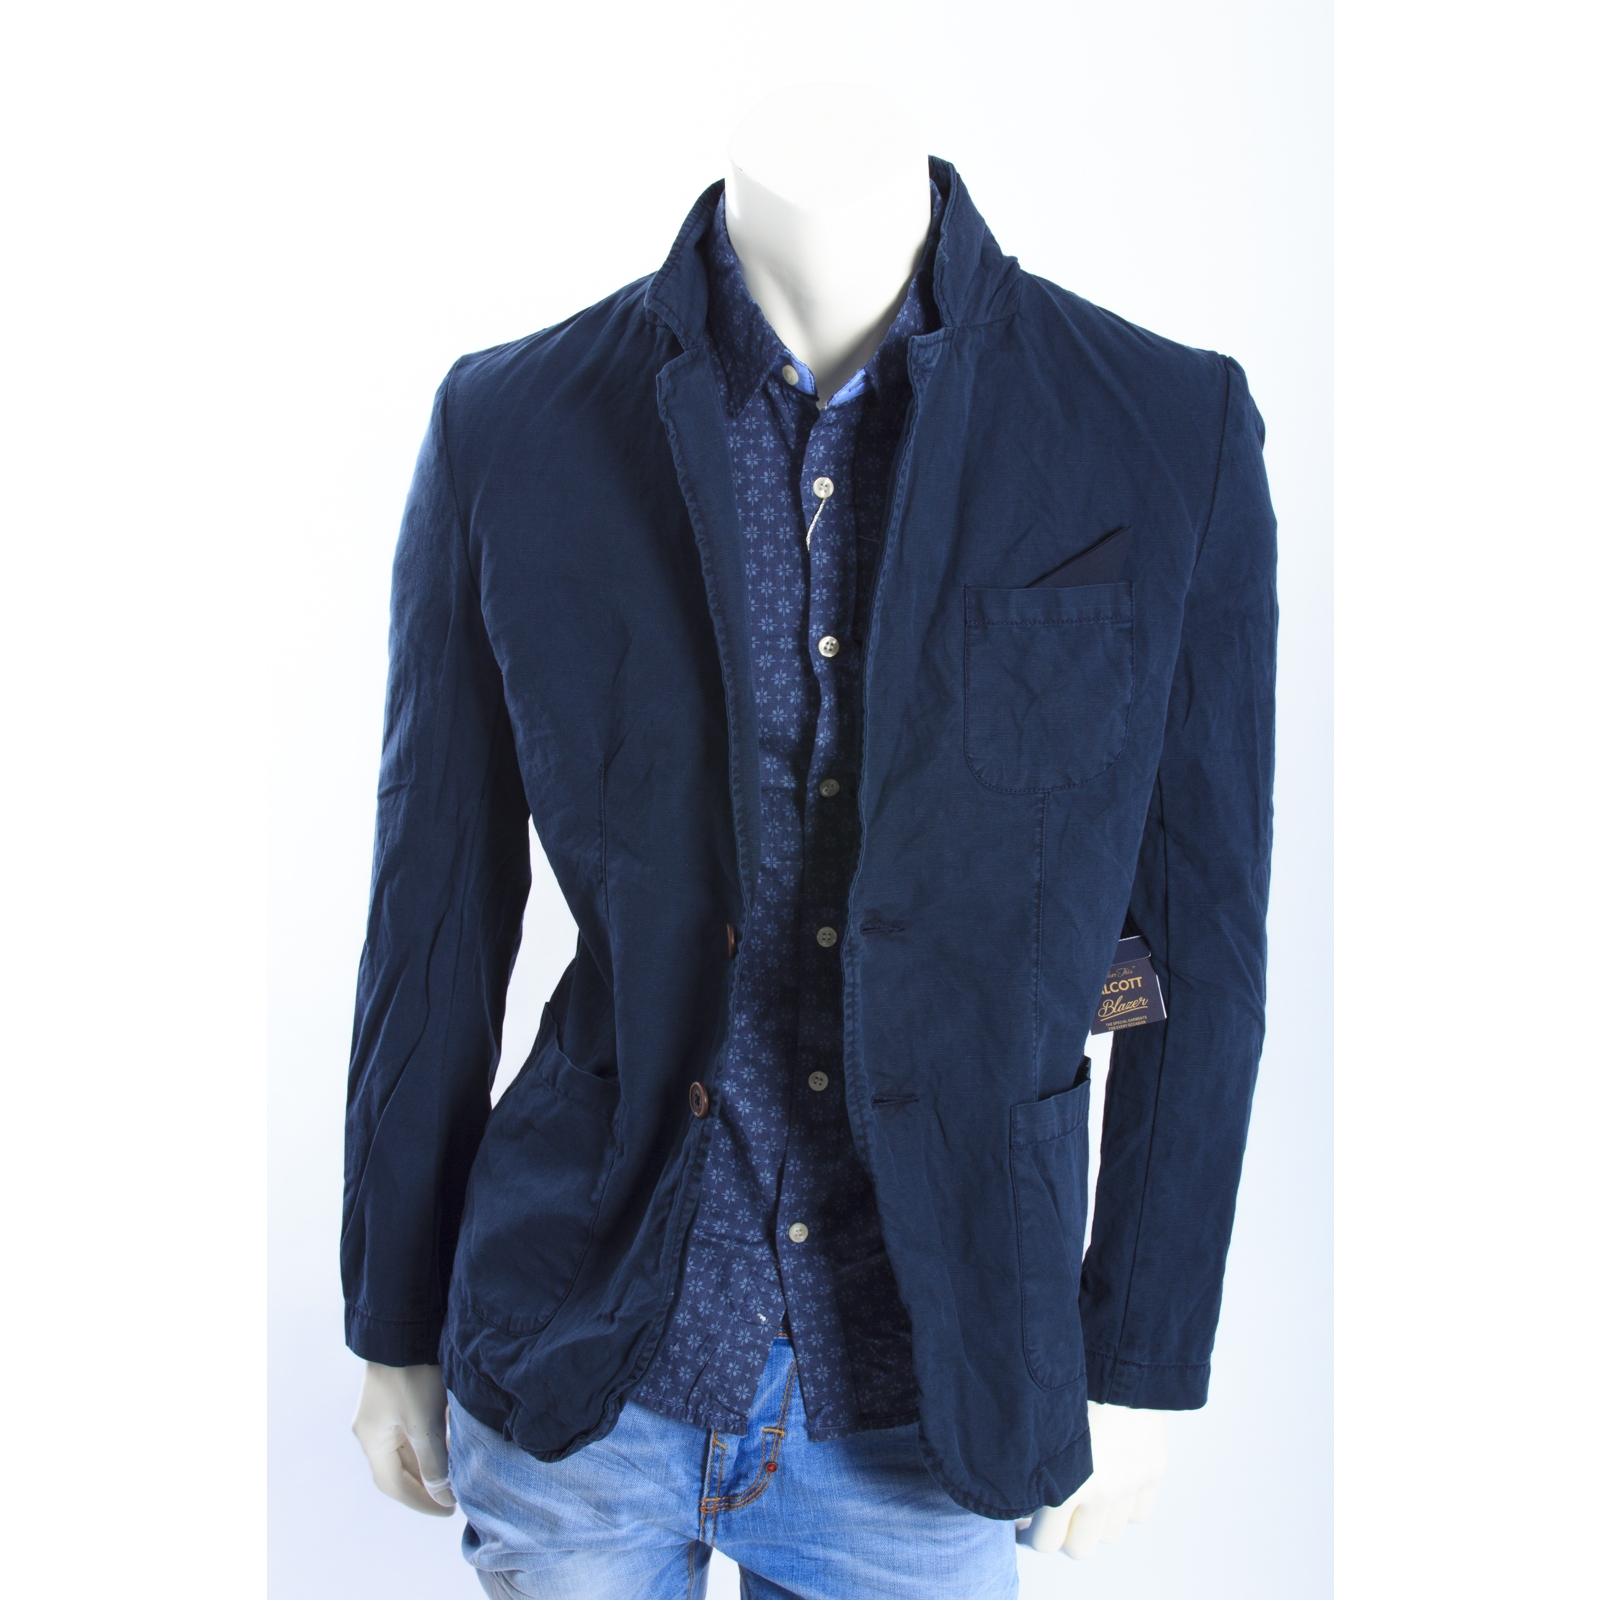 comprare popolare 94ebc 6dcdb ALCOTT giacca in canvas con dettaglio taschino BLU NEW